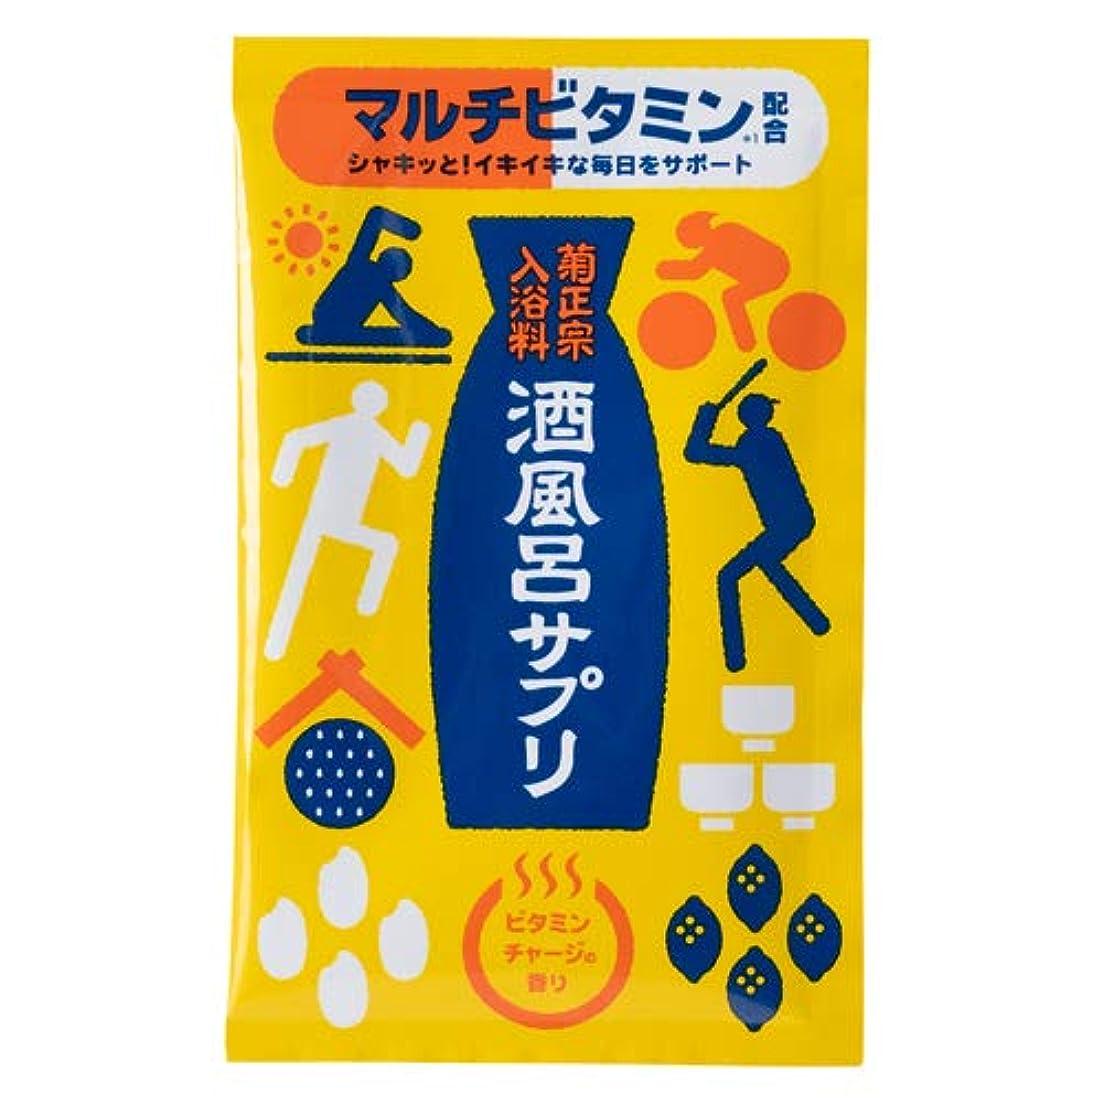 ストライク液化するレギュラー菊正宗 入浴料 酒風呂サプリ マルチビタミン